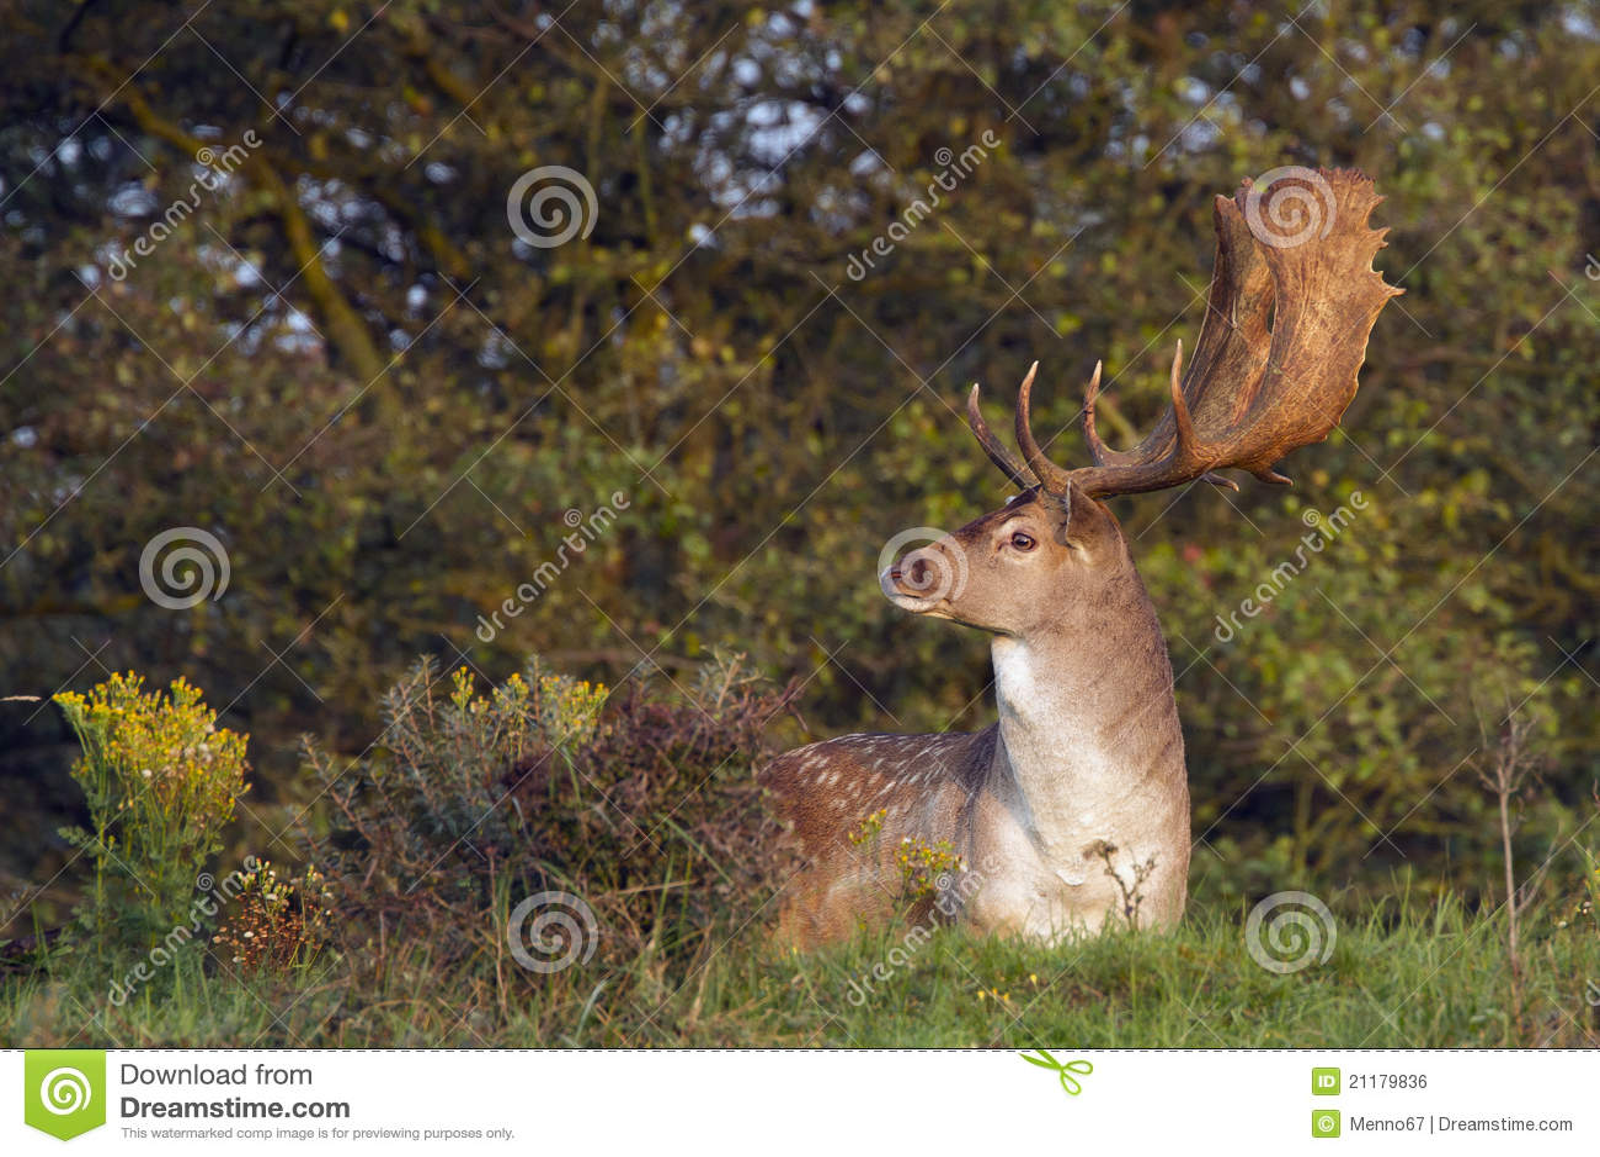 Fallow Deer Male